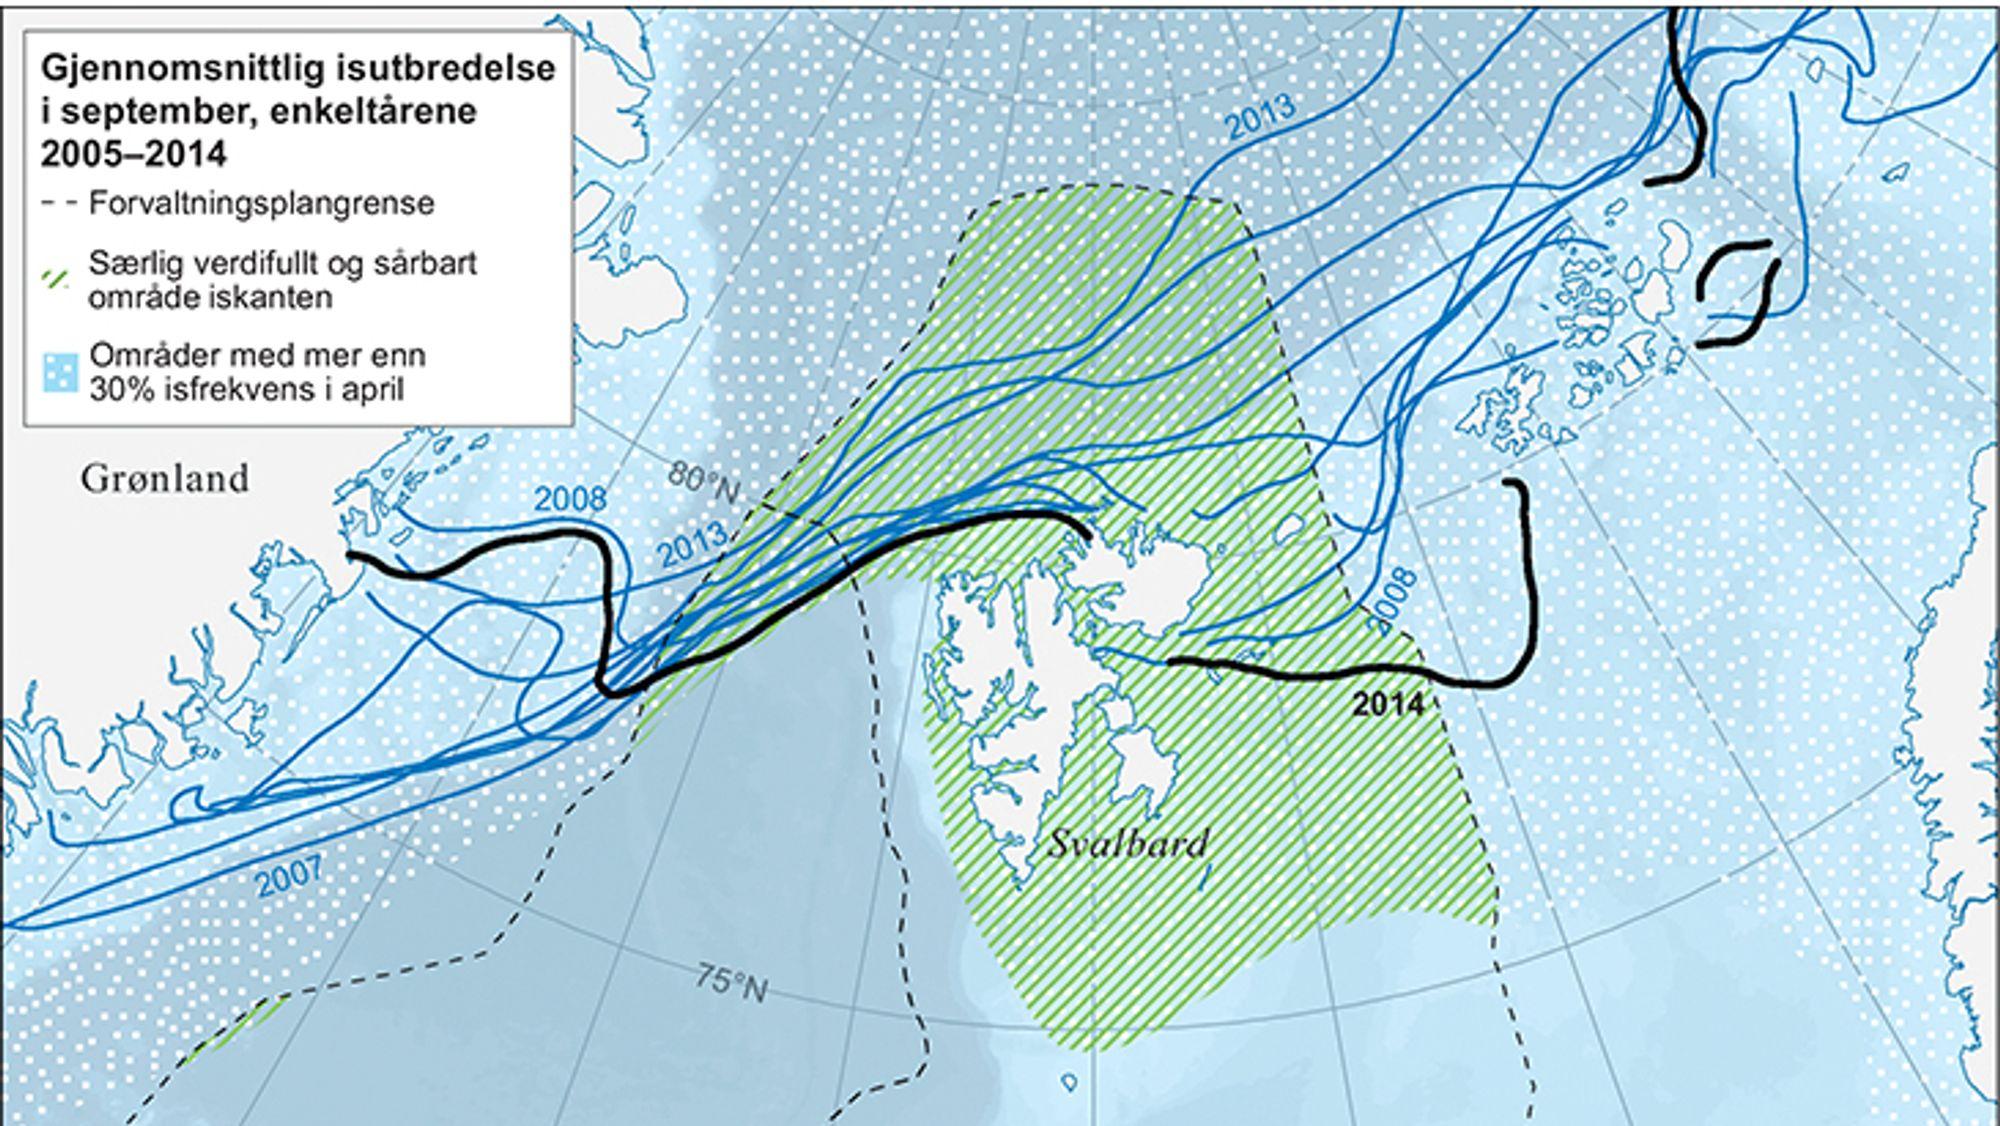 Oslo senterparti vi lflytte iskanten sørover for å beskytte sårbar arktisk natur.